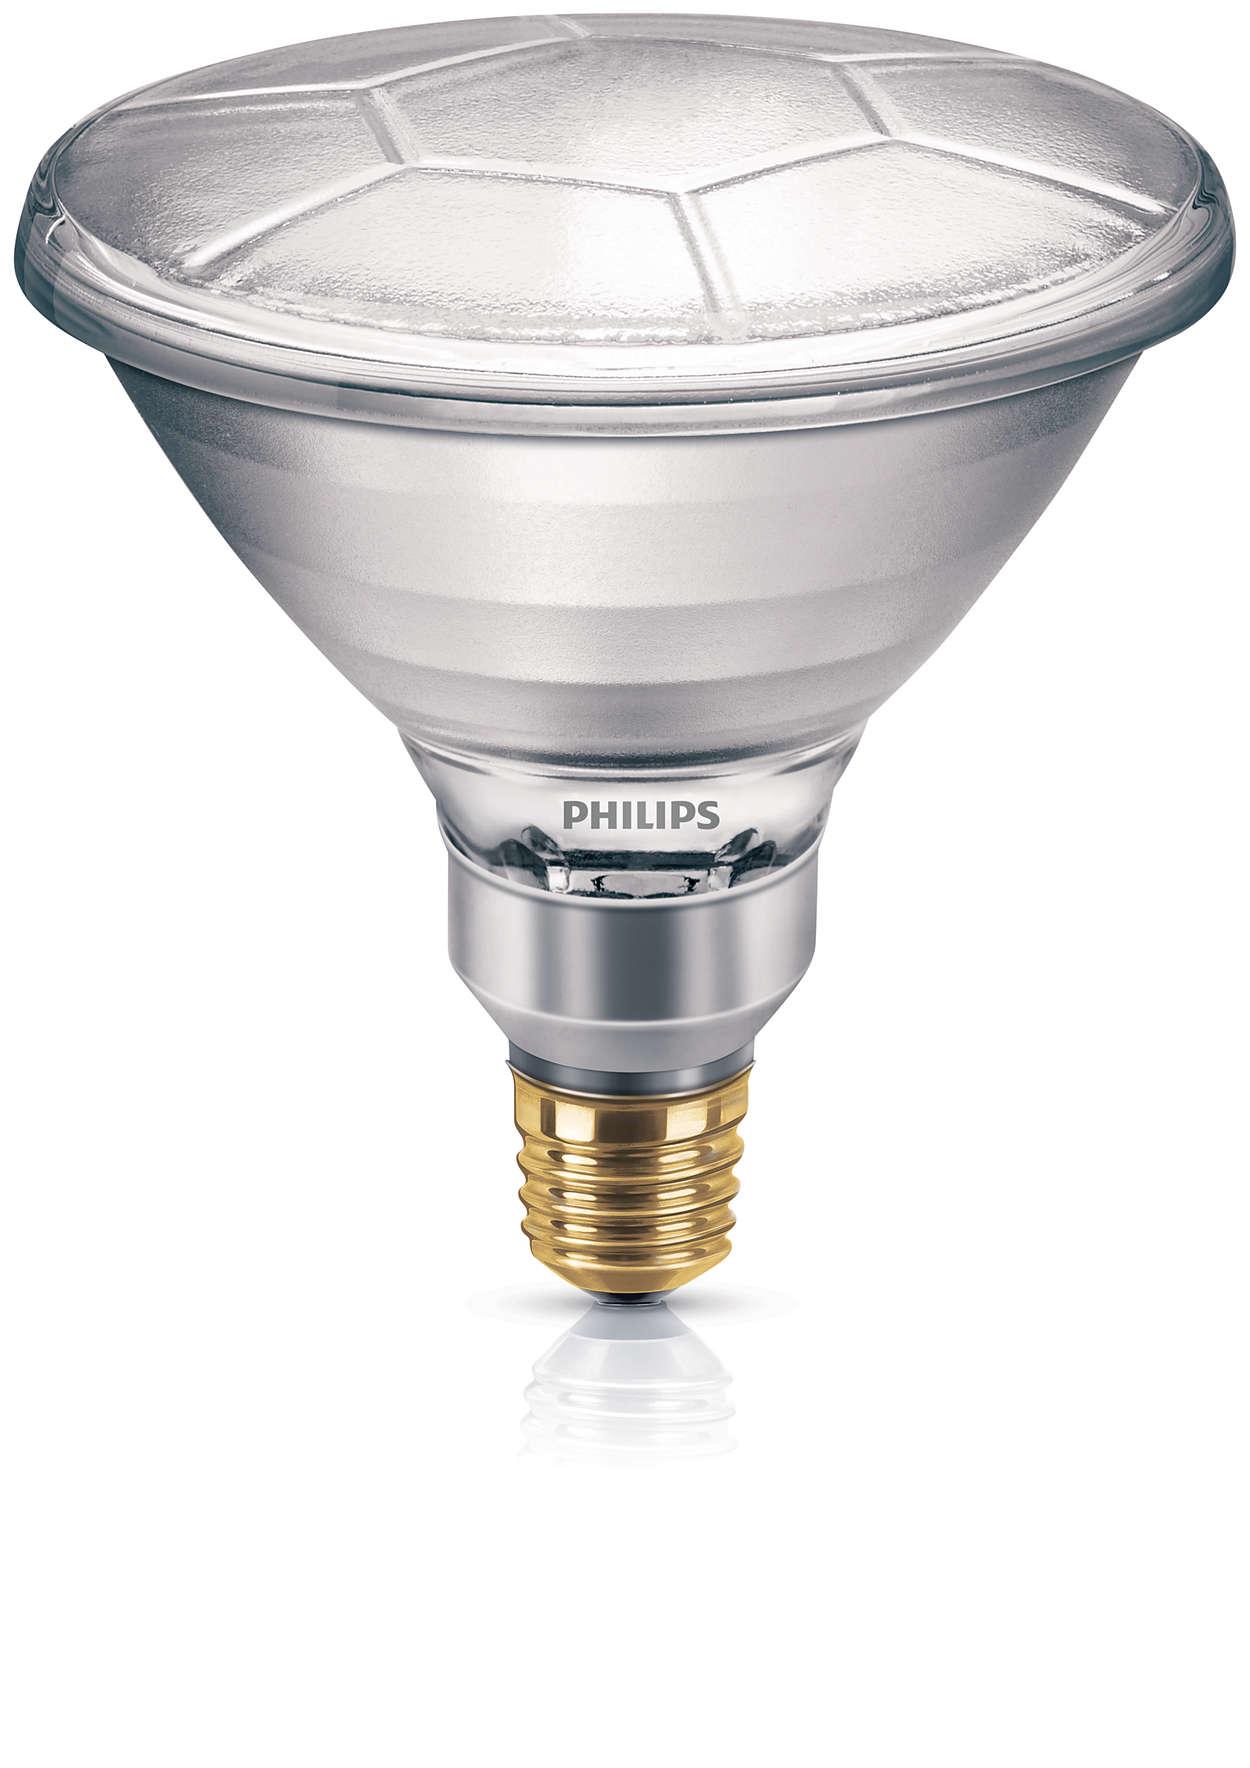 Reflectorlamp met hoge intensiteit